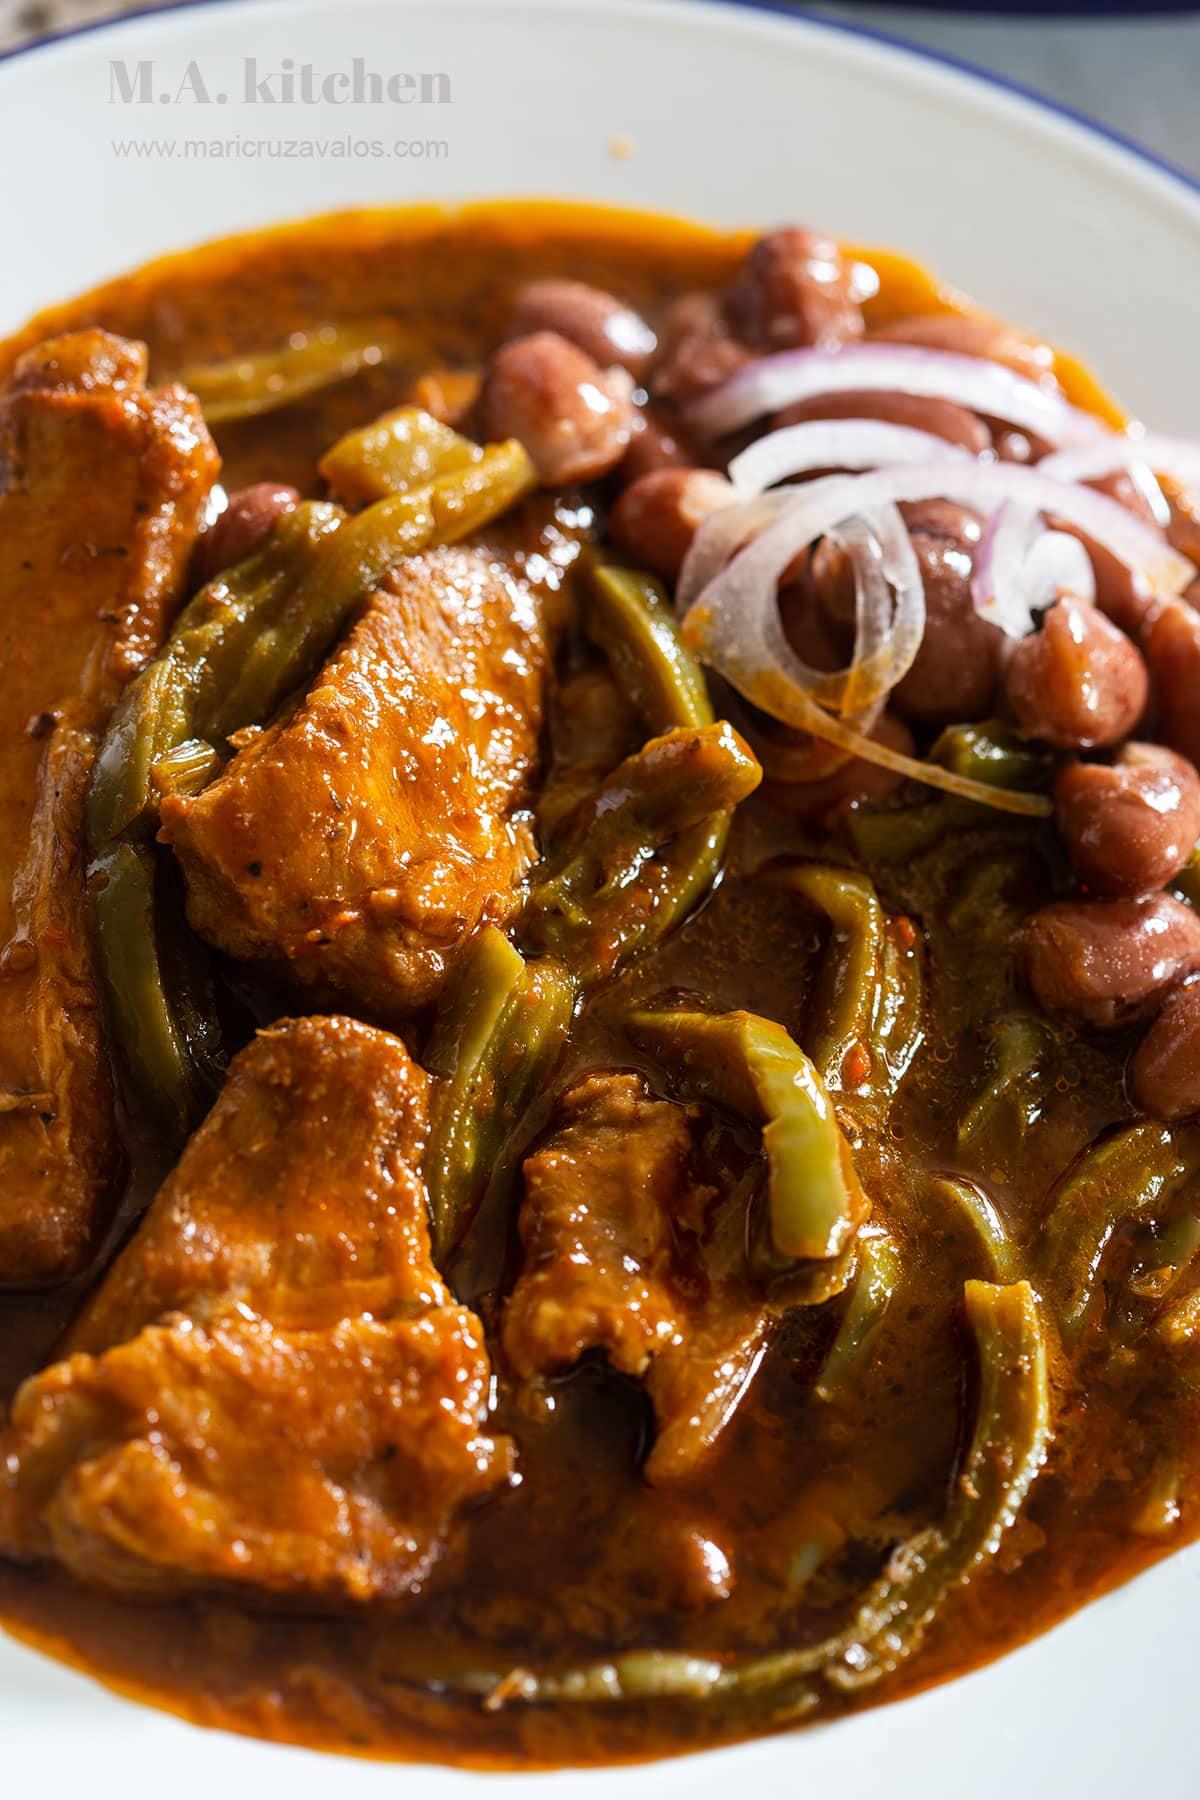 Nopales con carne de puerco: Nopales with pork meat.